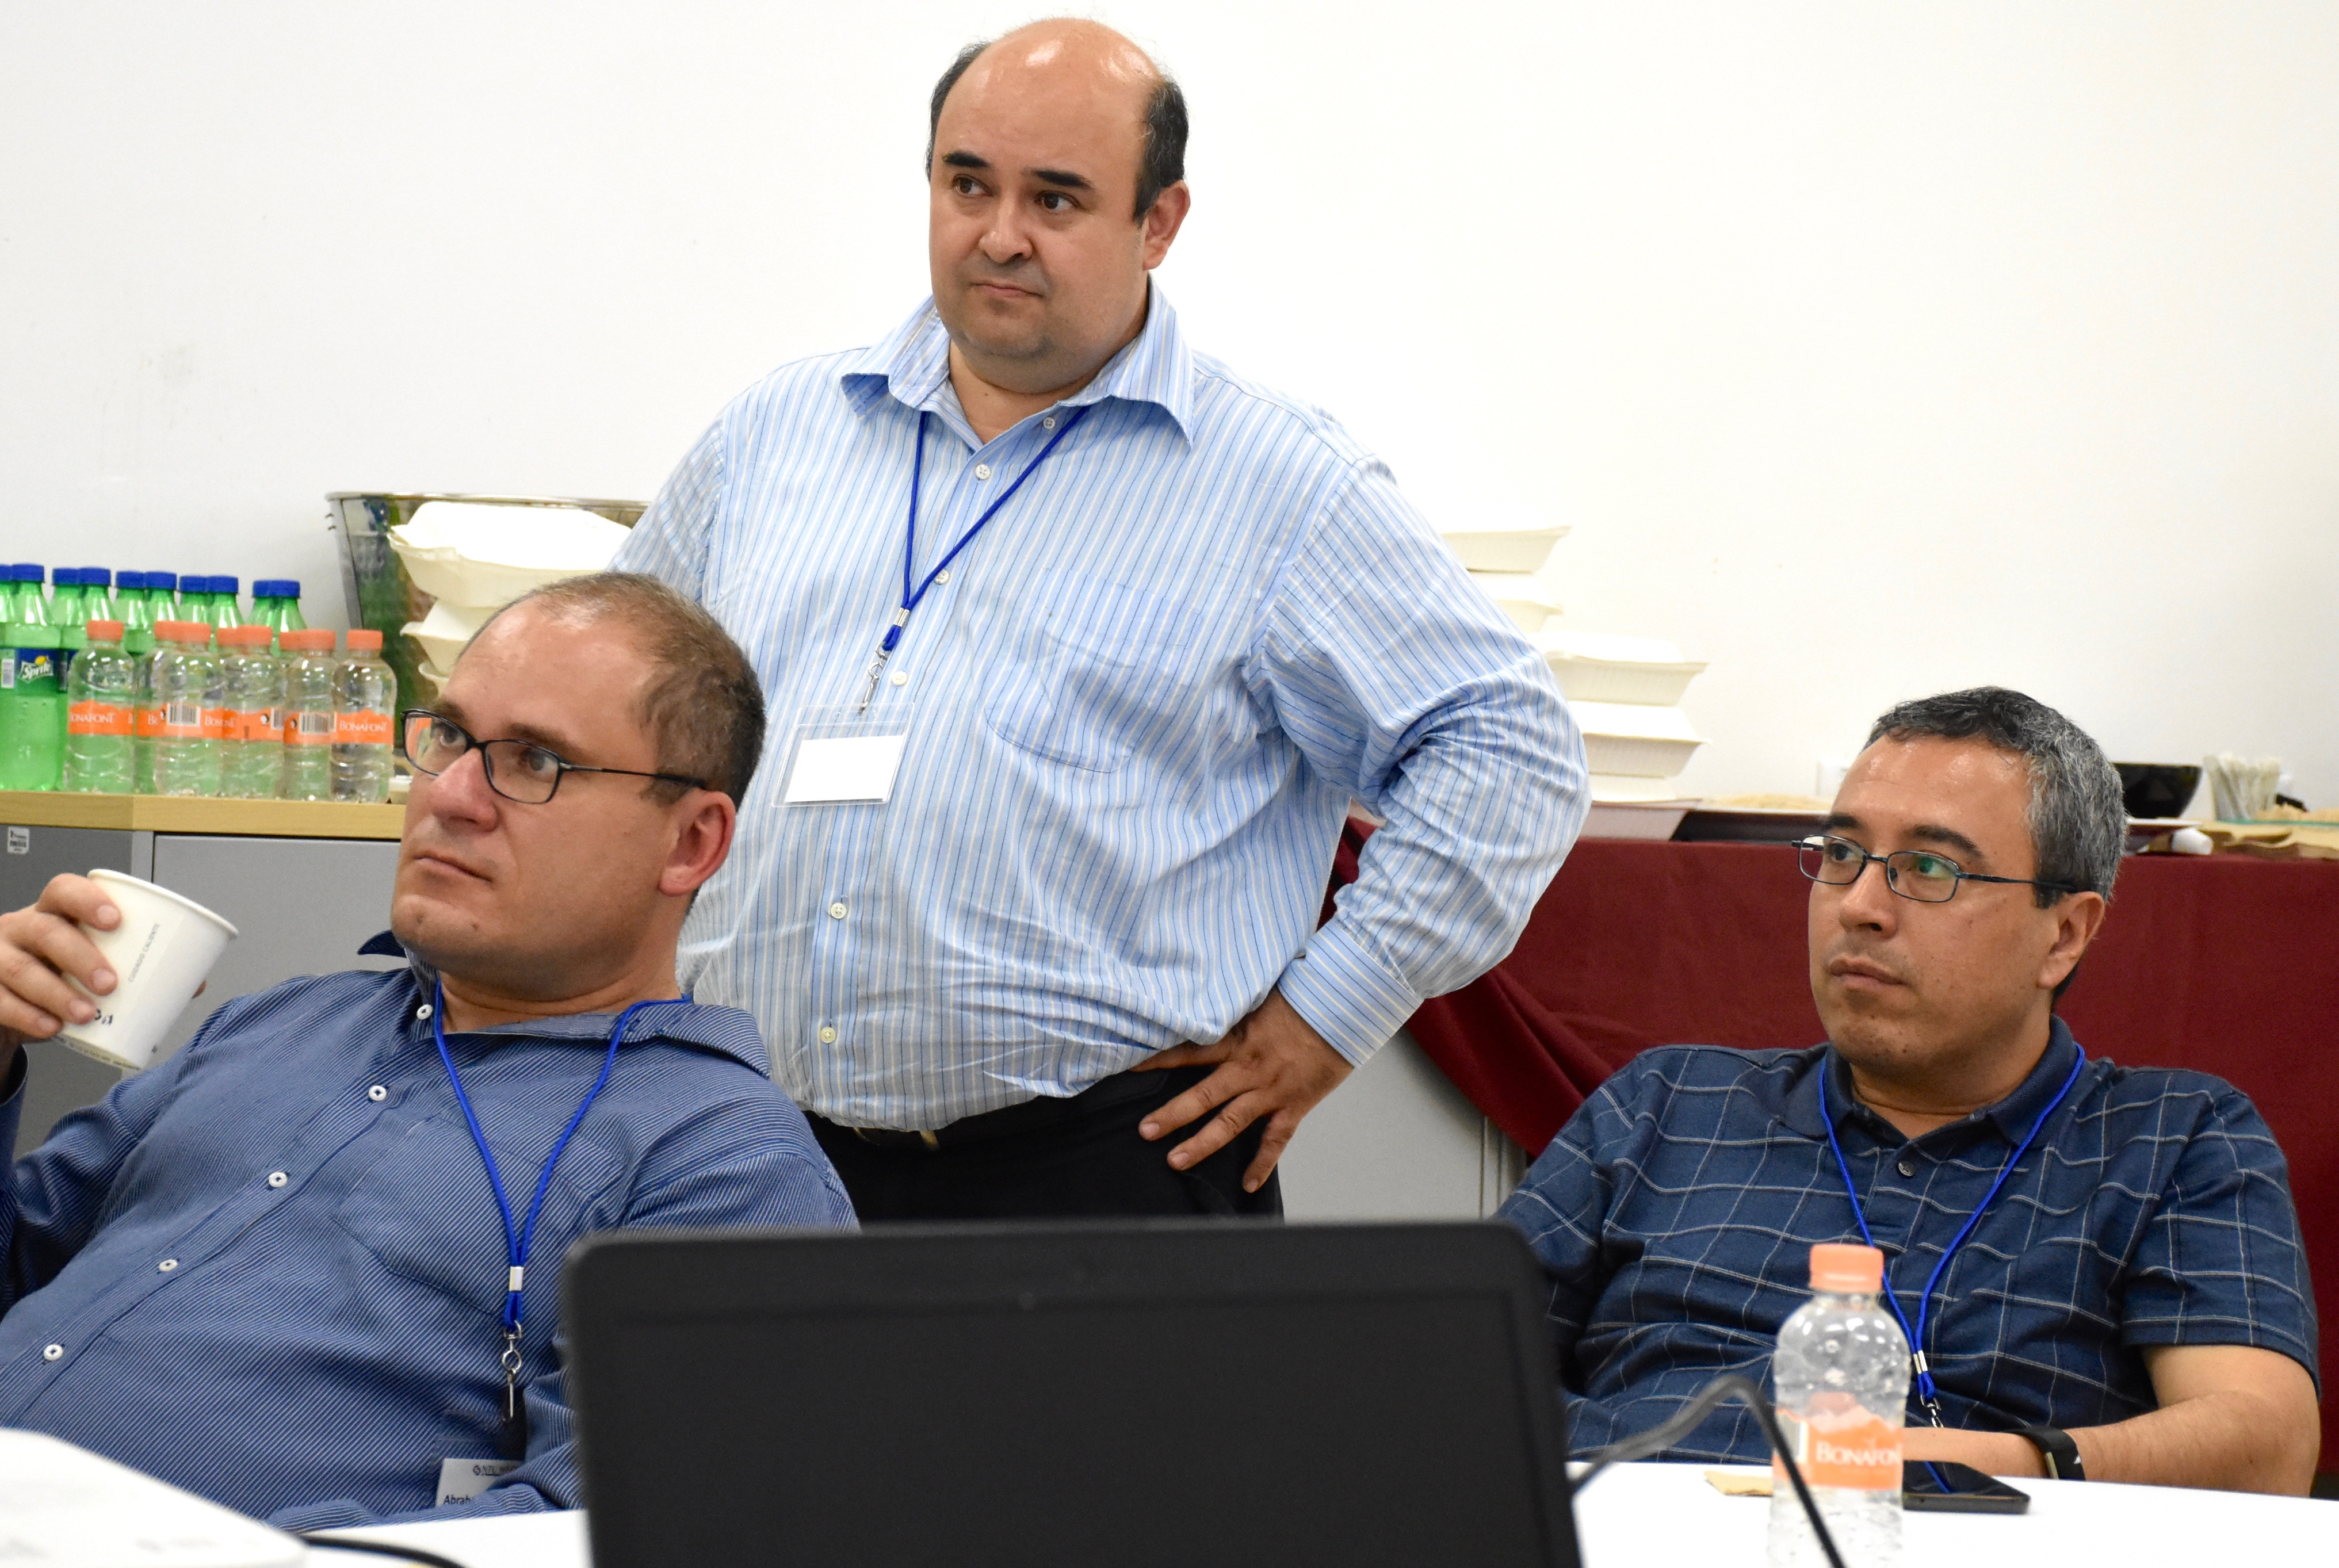 De izquierda a derecha: Dr. Abraham Mora, Dr. Roberto Parra y Dr. Alberto Mendoza